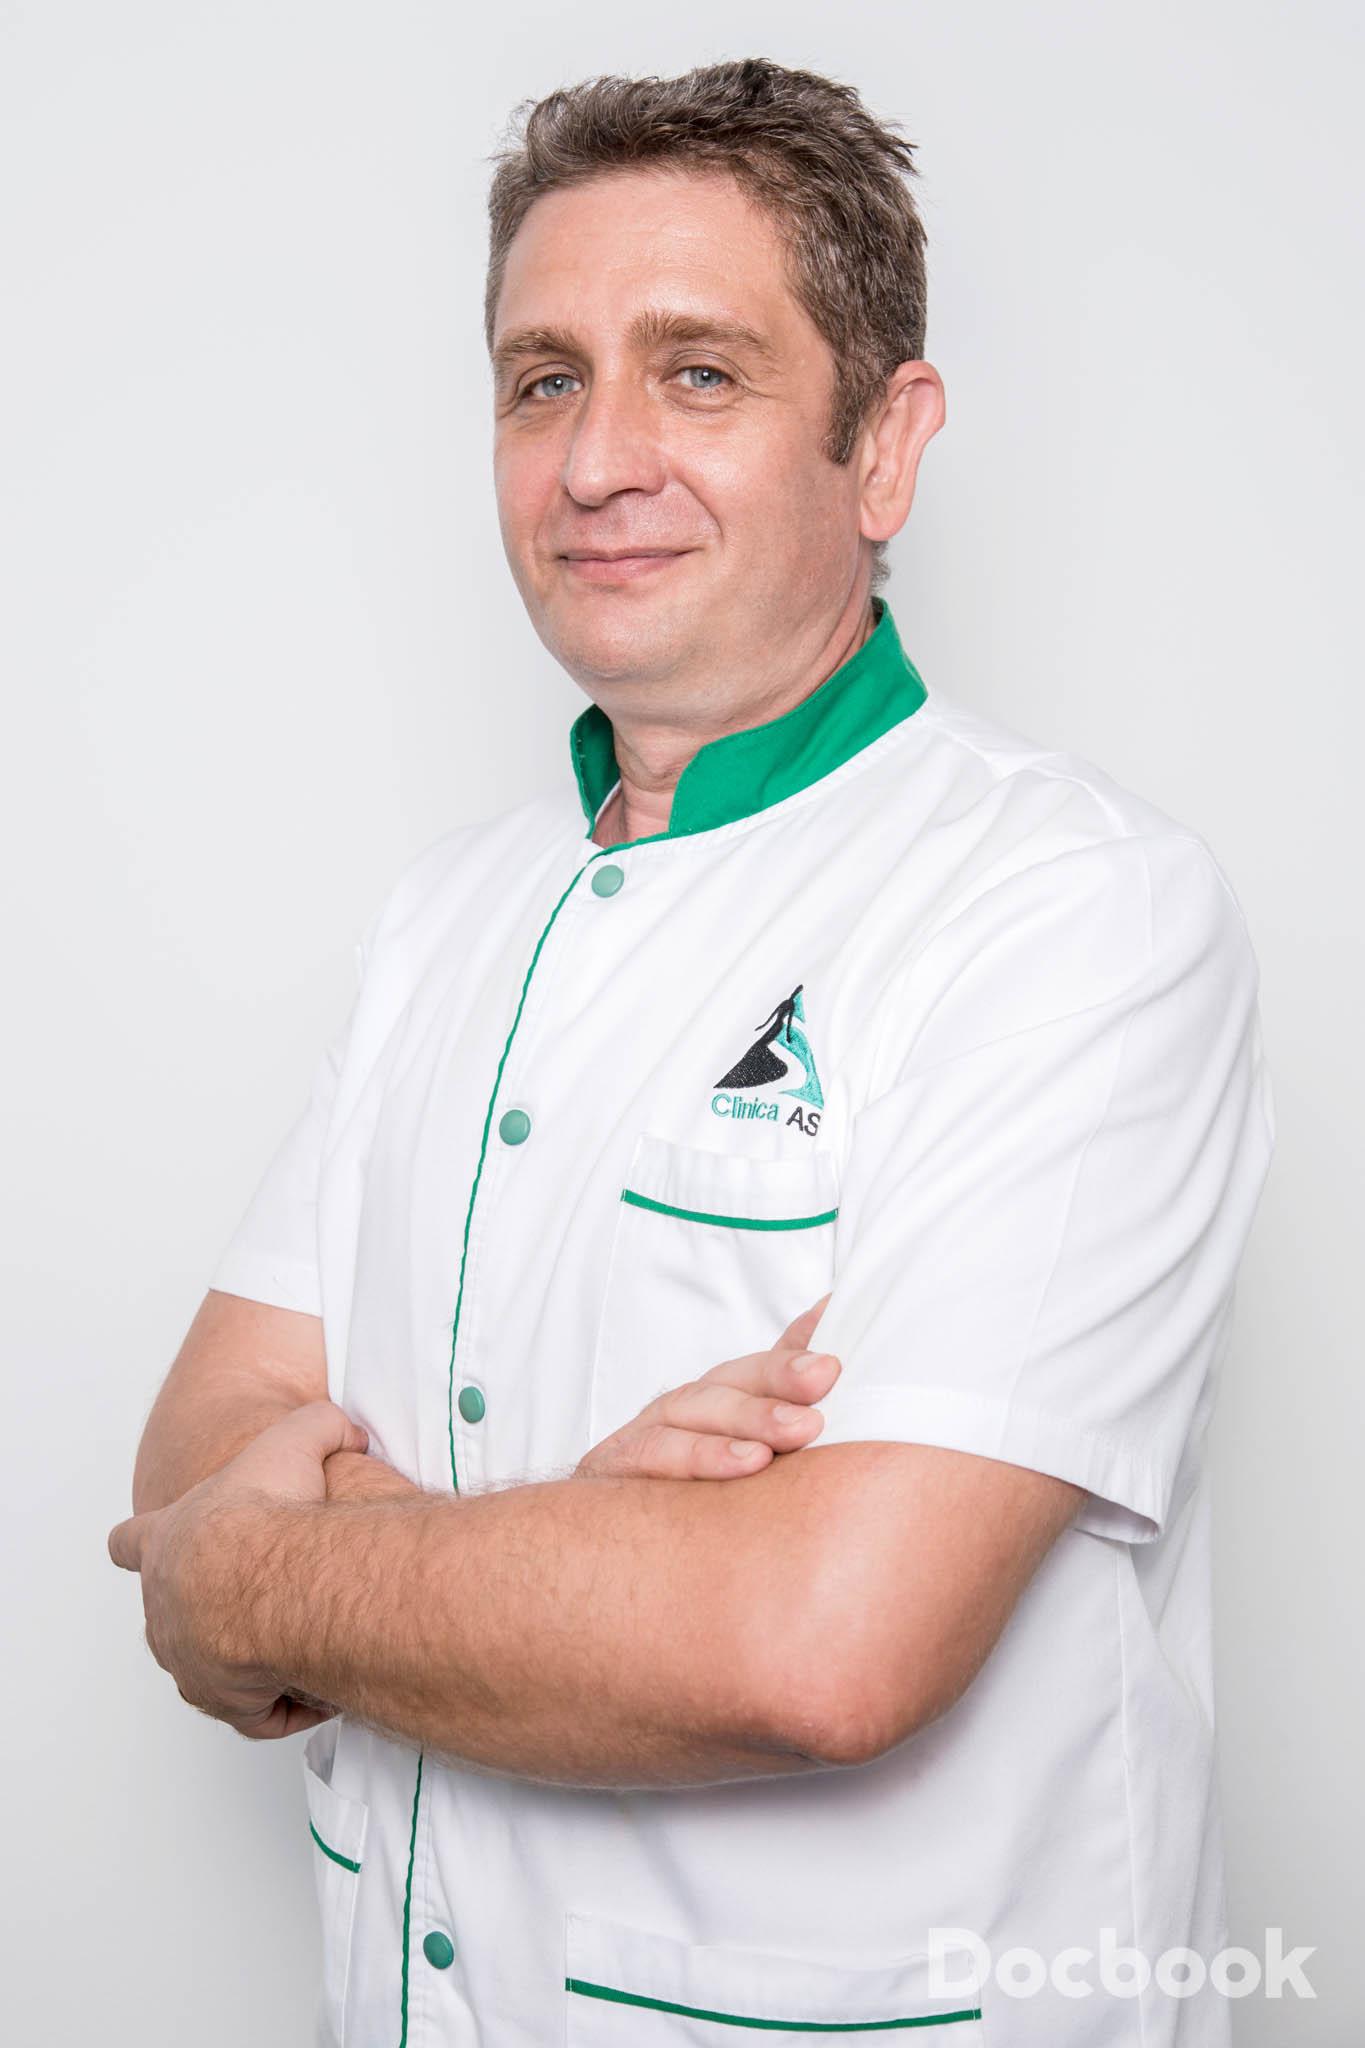 Dr. Bumbu Slavian